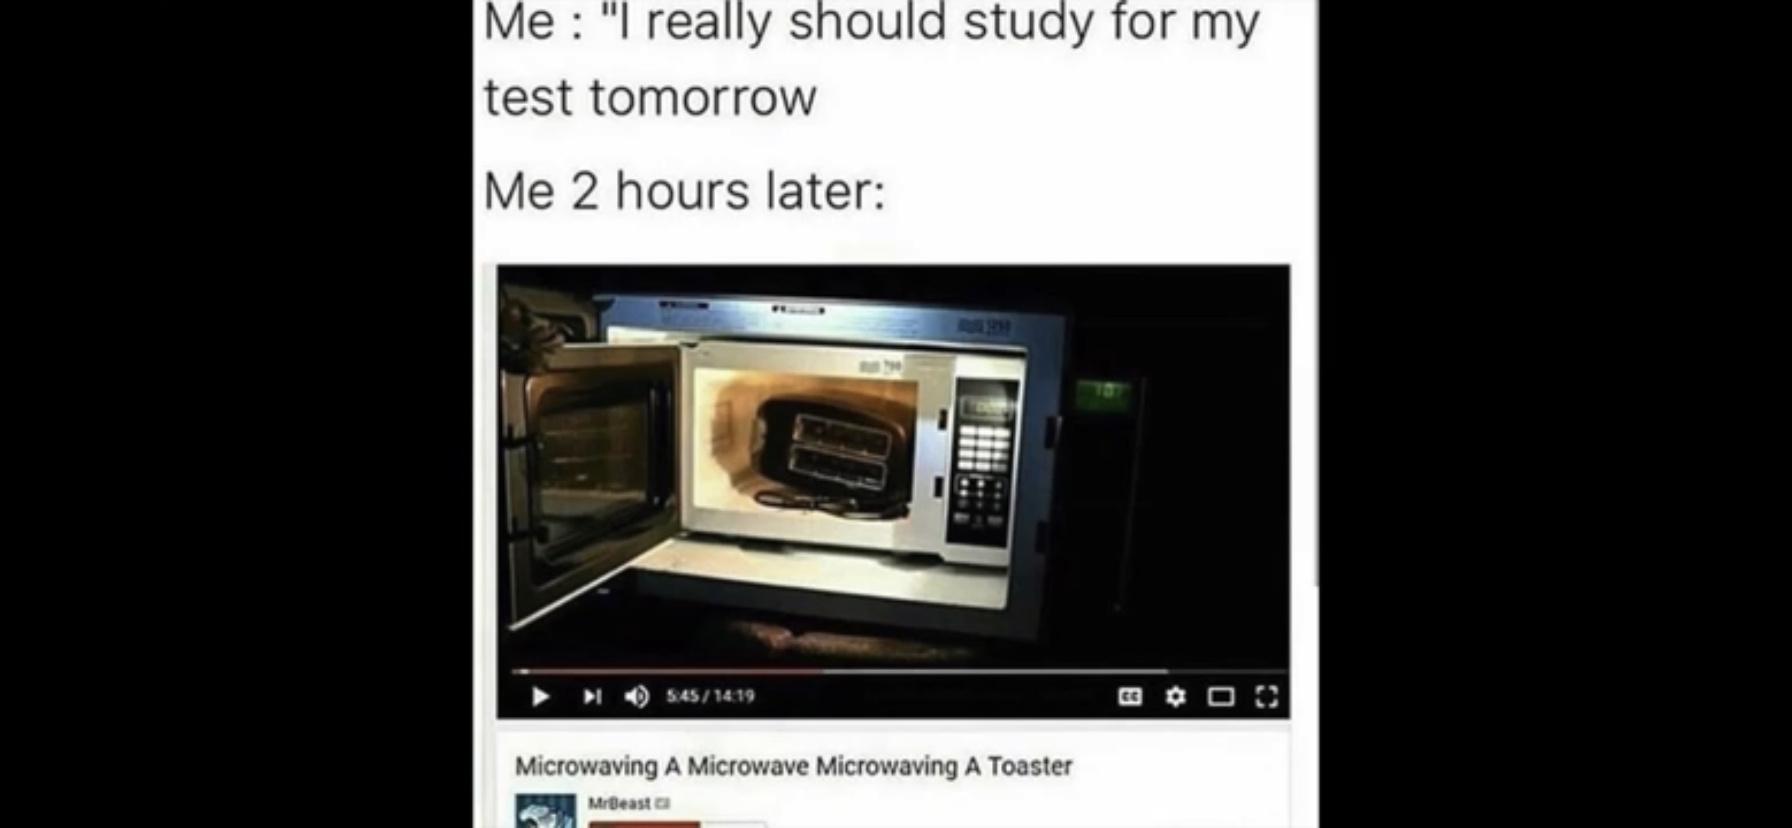 Toster - meme